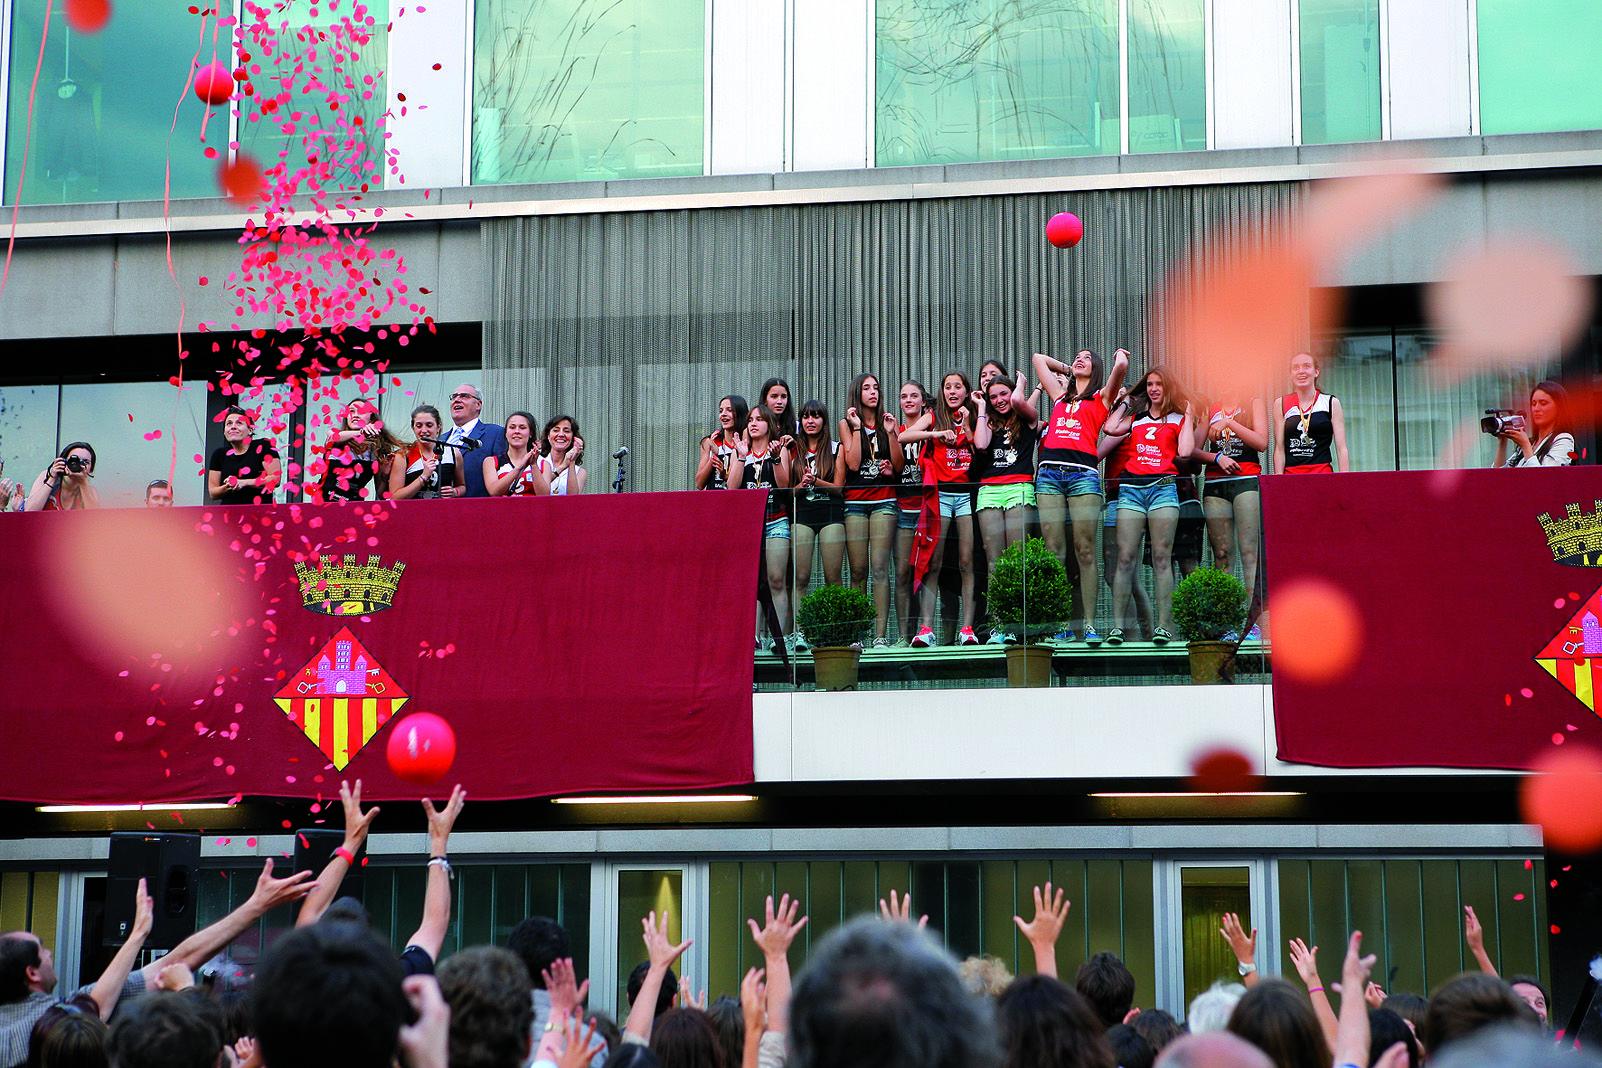 L'any 2013, el CV Sant Cugat va ser el pregoner de la Festa Majorde la ciutat. Foto Arxiu Tot Sant Cugat.